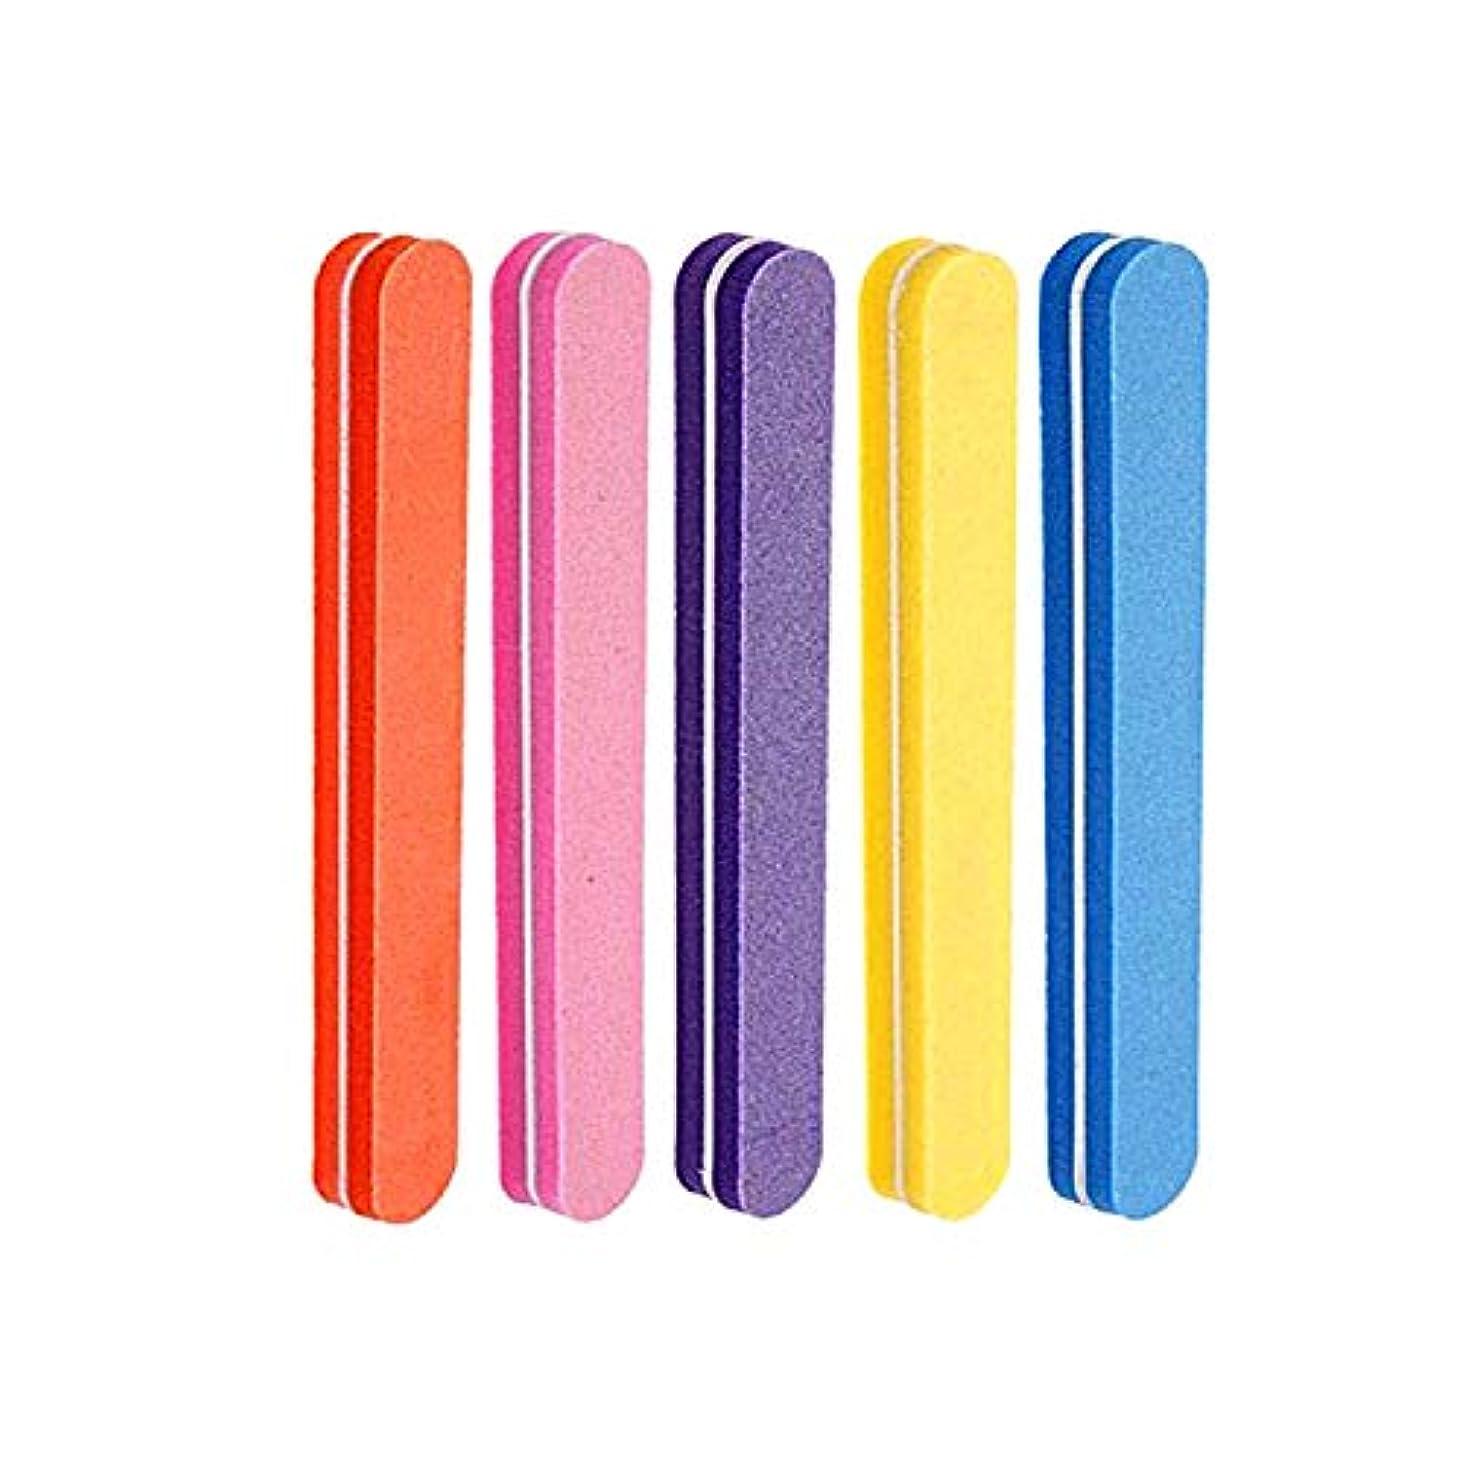 袋自分の力ですべてをするリンスネイルファイル 5色スポンジネイルバッファー 100/180グリット ジェルネイル用 (5本セット)